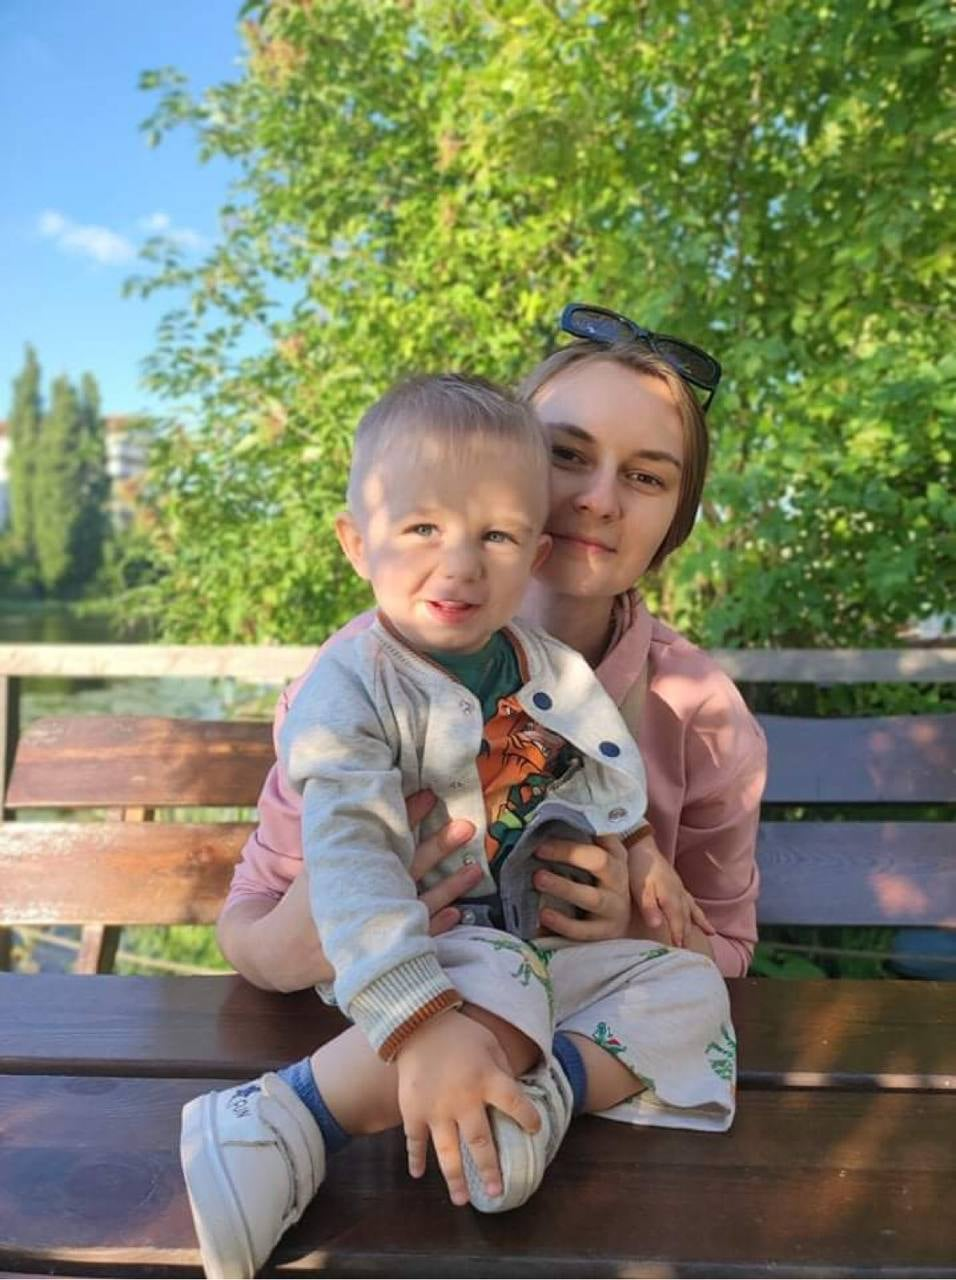 Сім'я з Чернігівщини змогла назбирати 2 мільйони доларів на укол синові